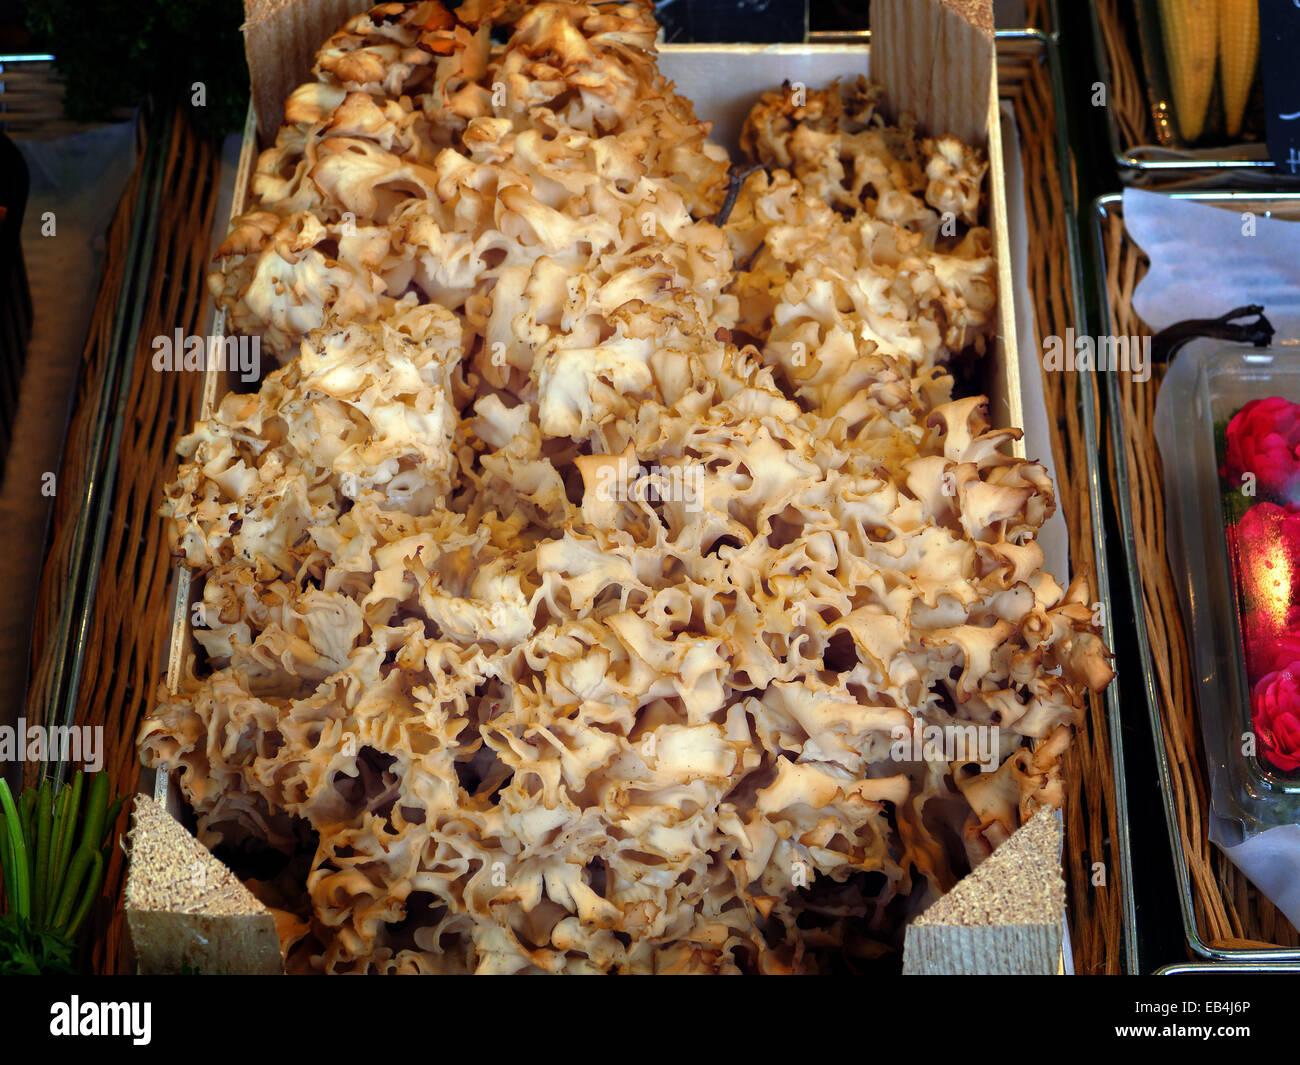 Mushroom Pils Fungi  Deutschland Krause Glücke in Munich Viktualienmarkt Viktualien market - Stock Image